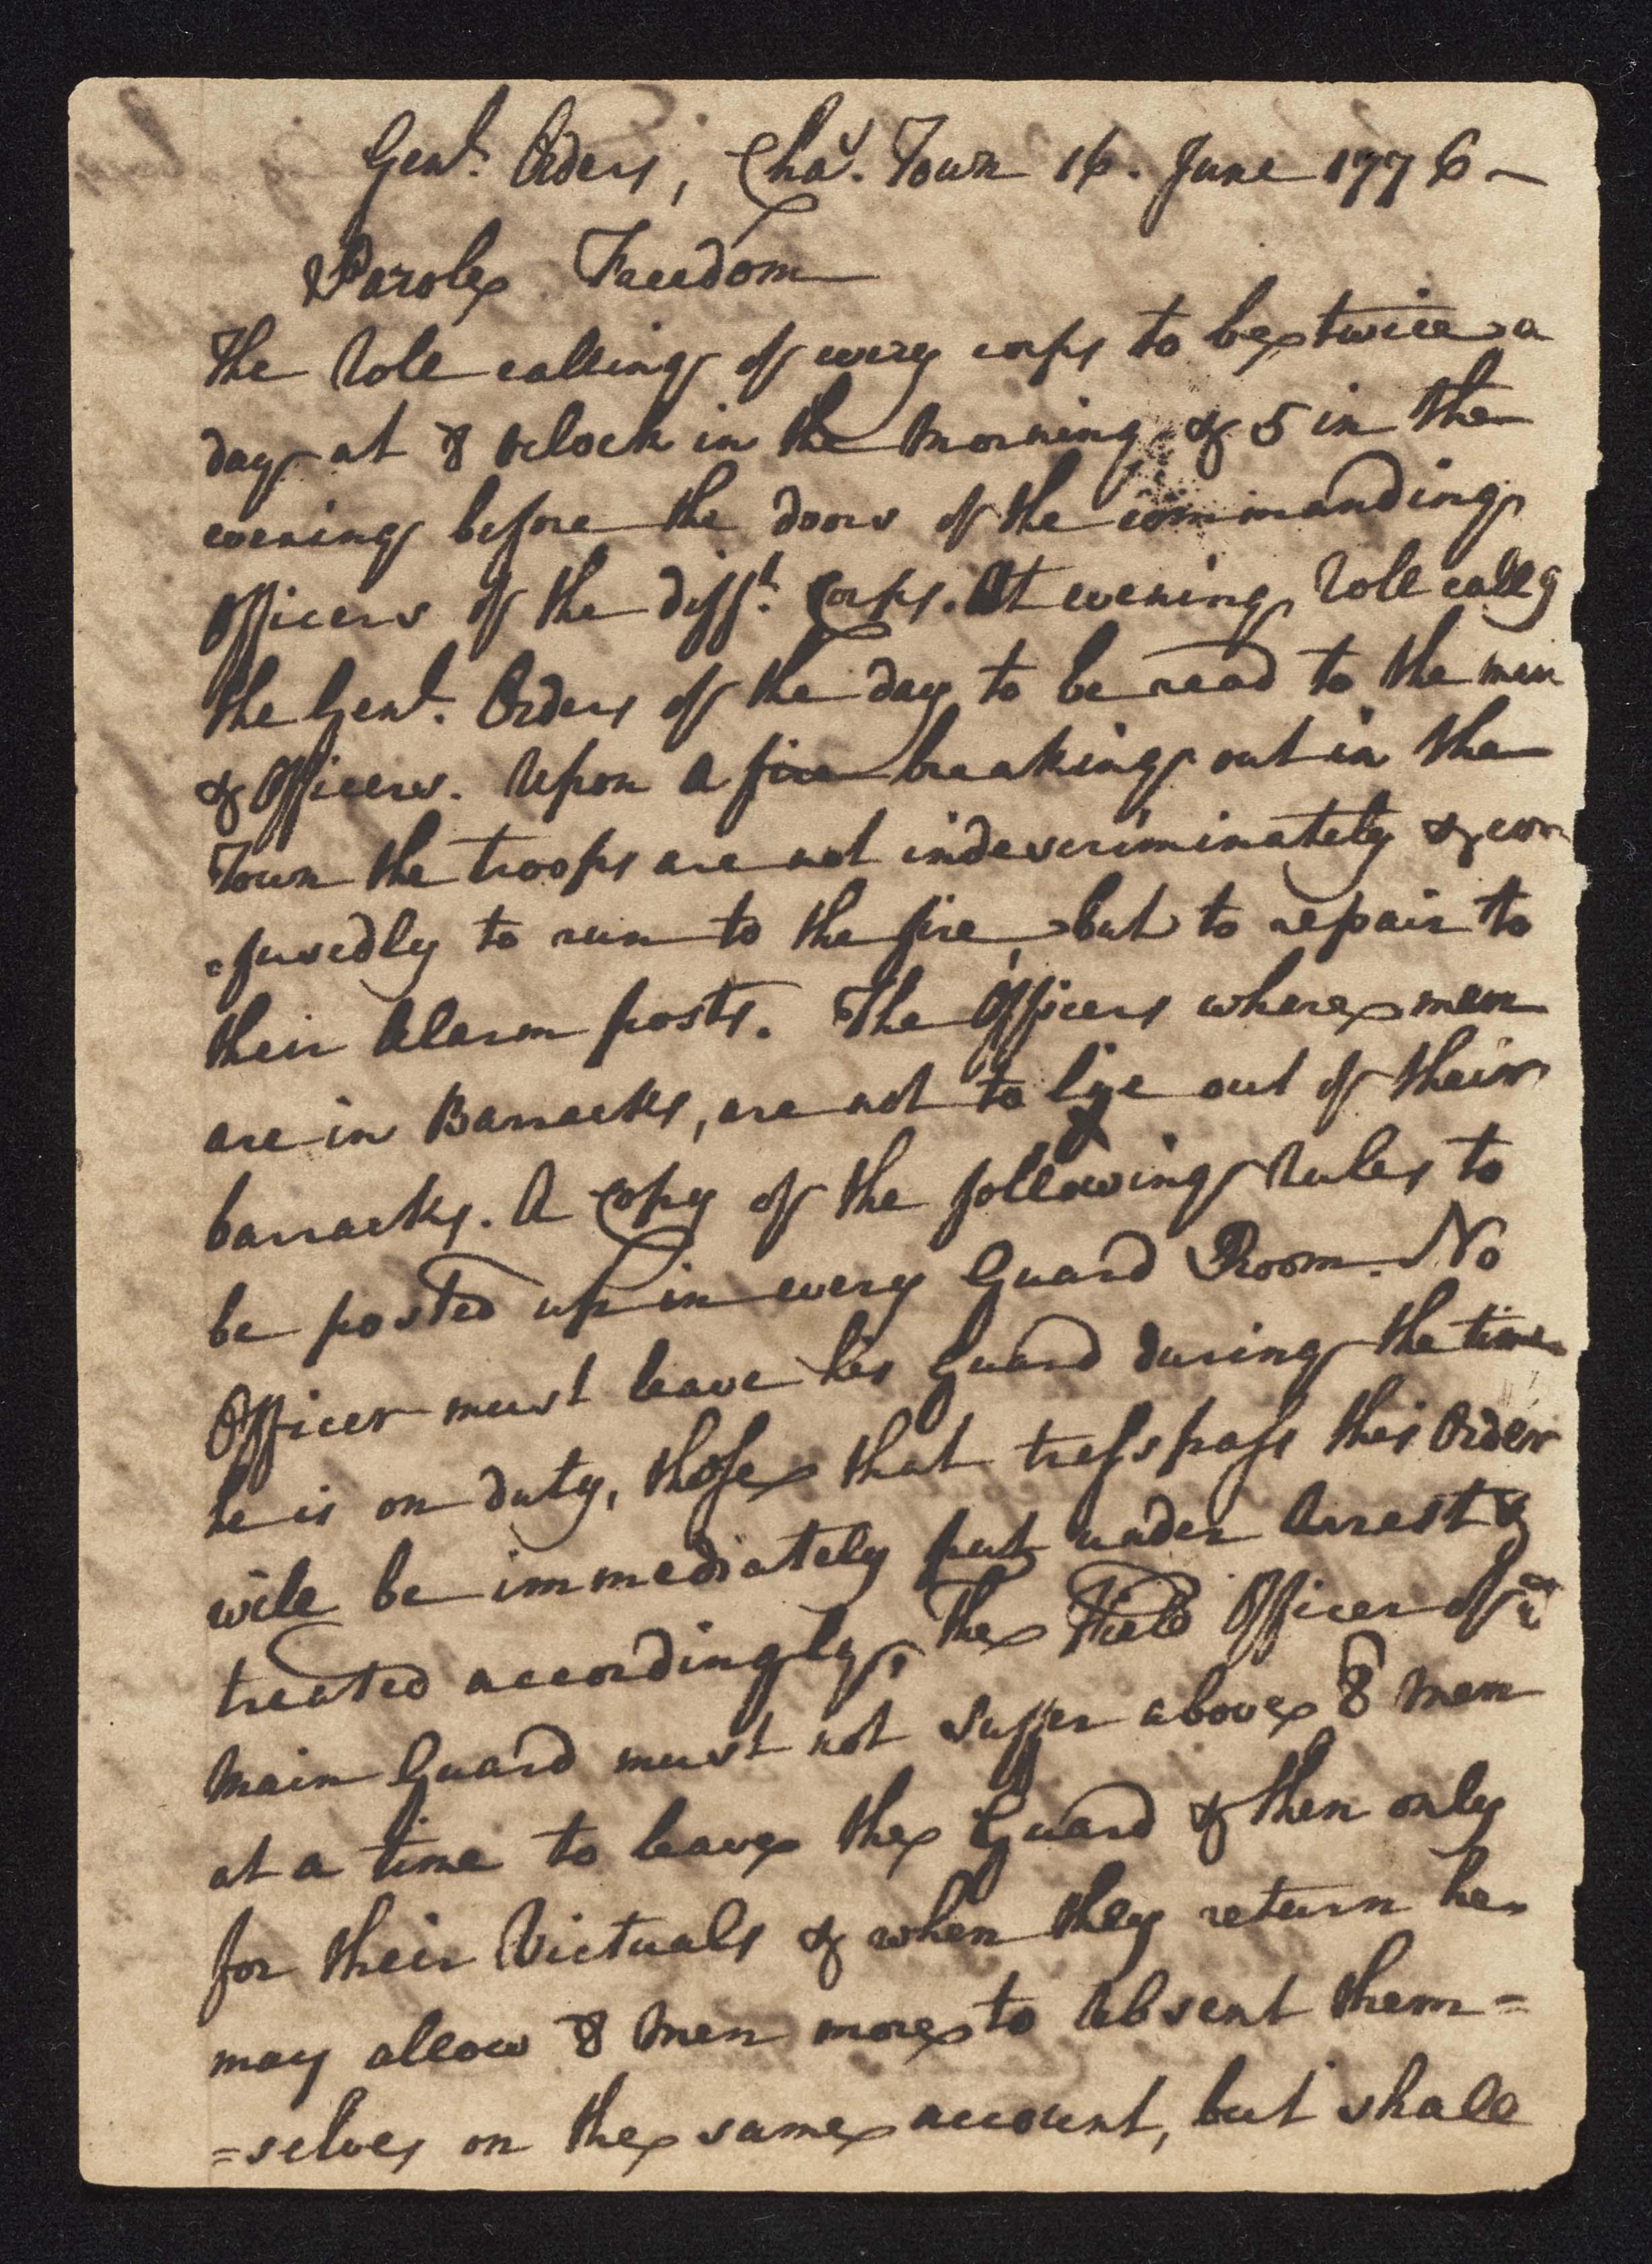 South Carolina Regiment Order Book, Page 118